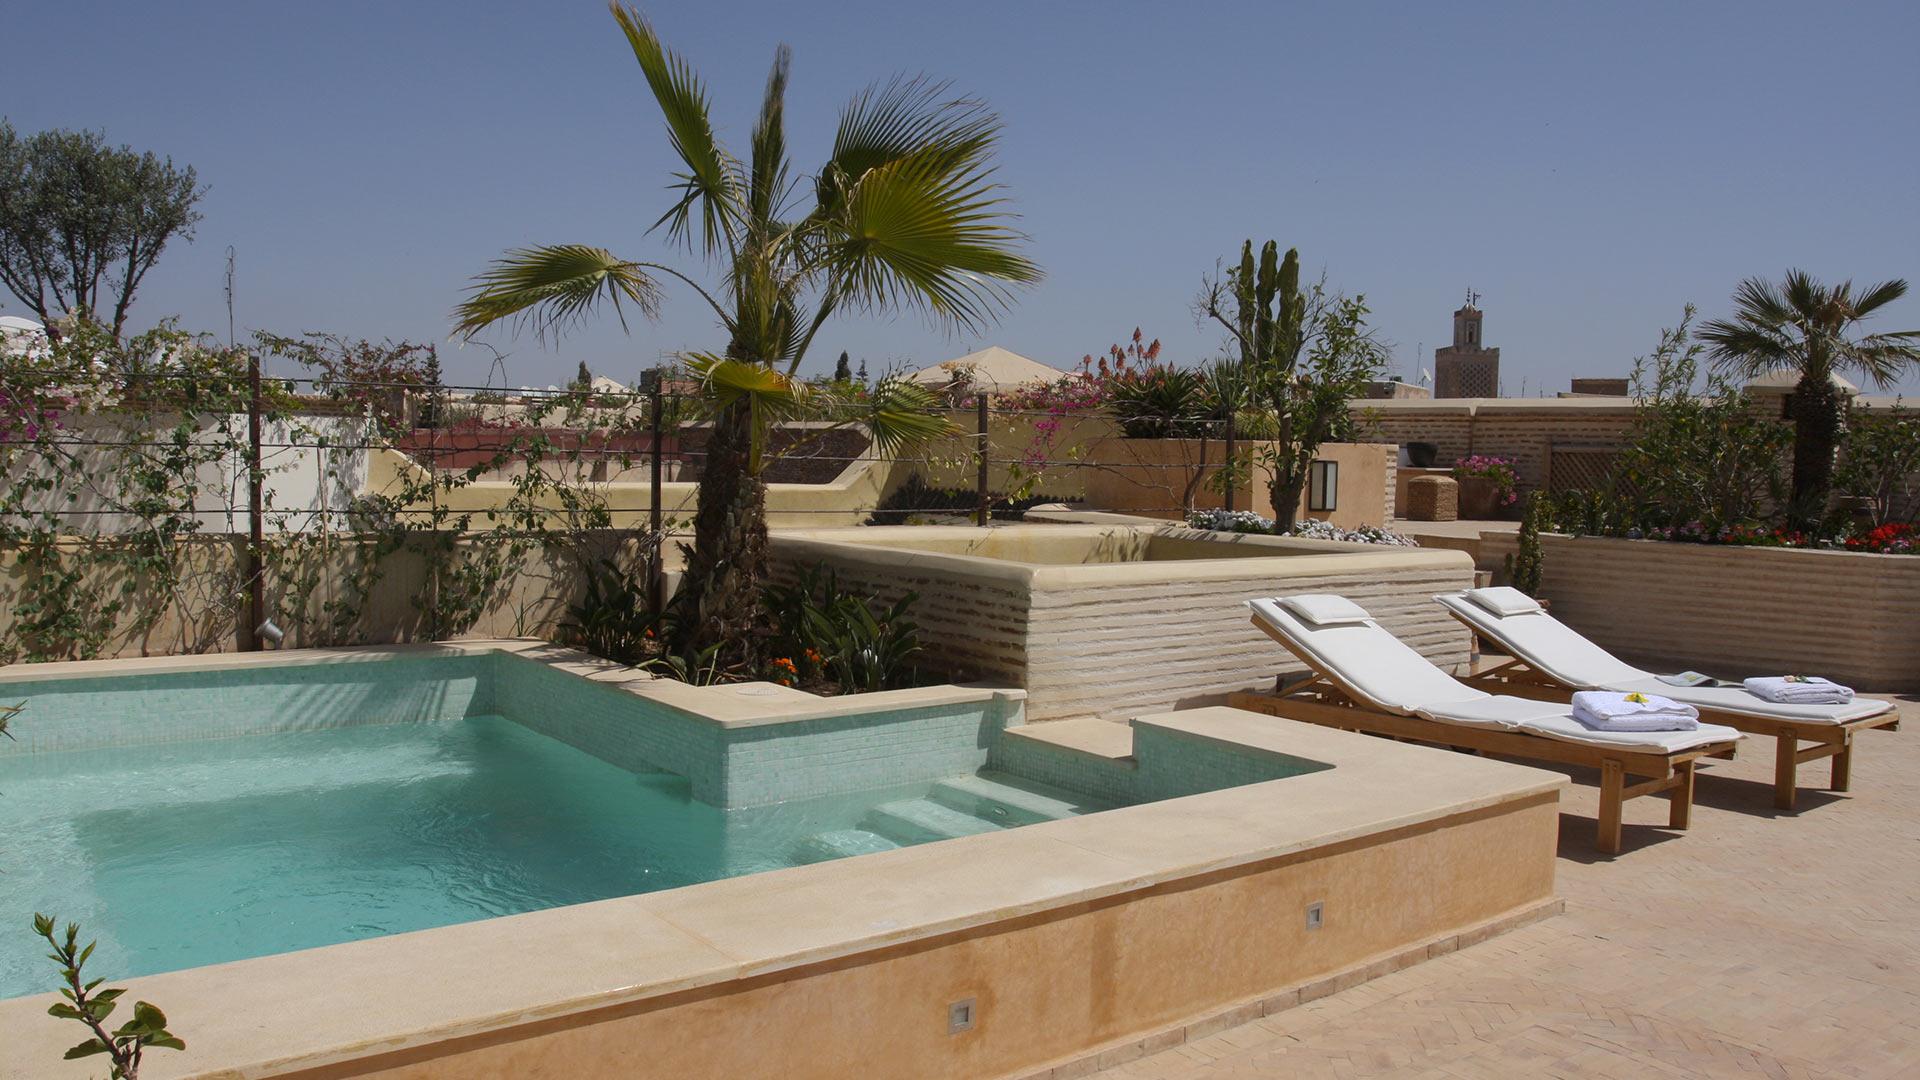 Riad Hizad - Villa Rental In Marrakech, Medina   Villa Marrakech avec Riad Marrakech Avec Piscine